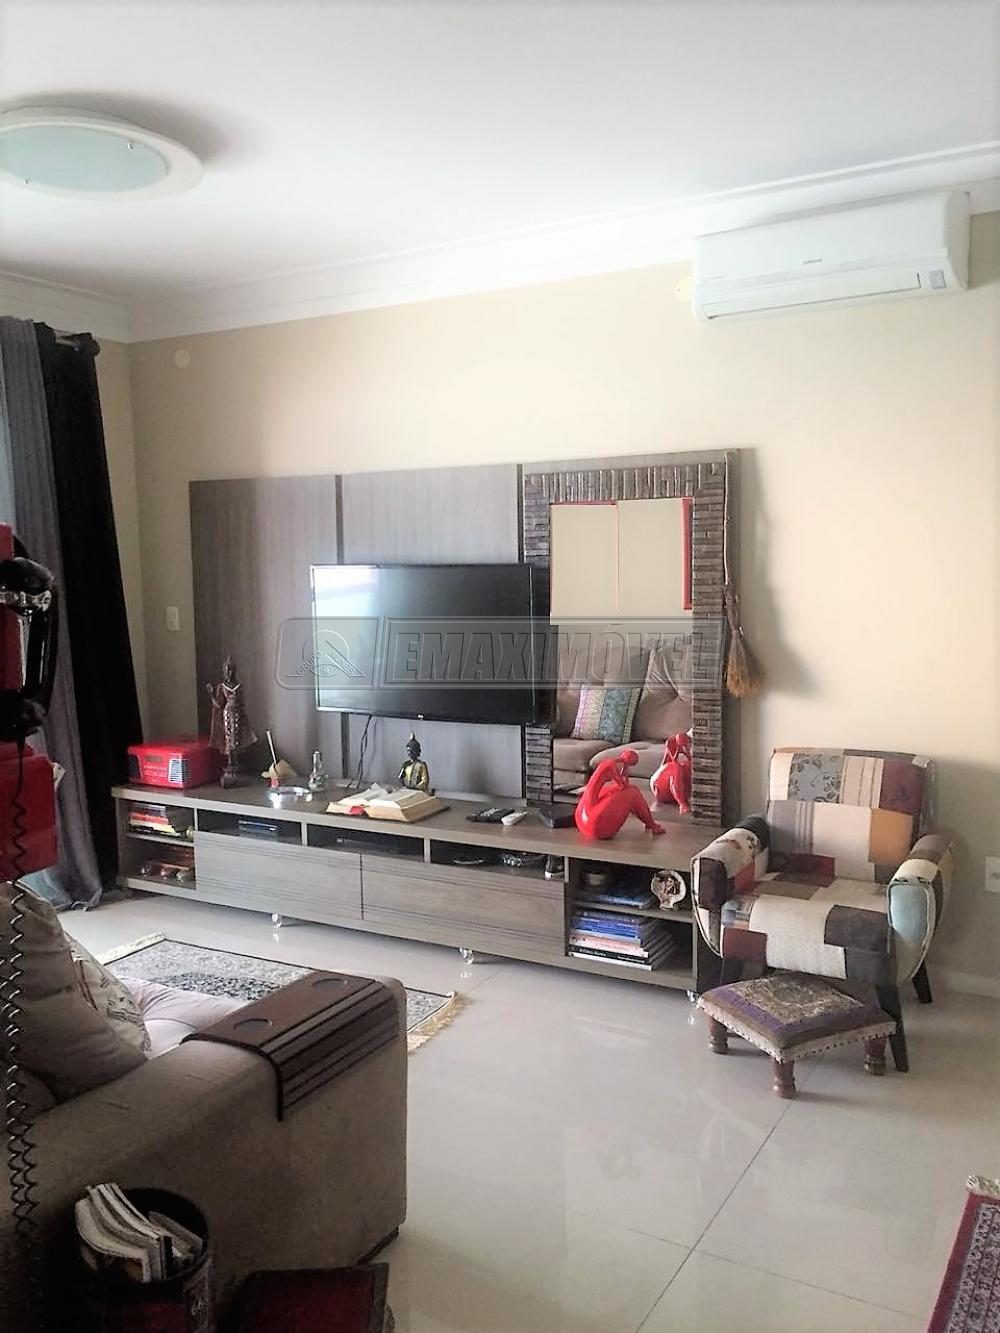 Comprar Apartamentos / Apto Padrão em Sorocaba apenas R$ 740.000,00 - Foto 5